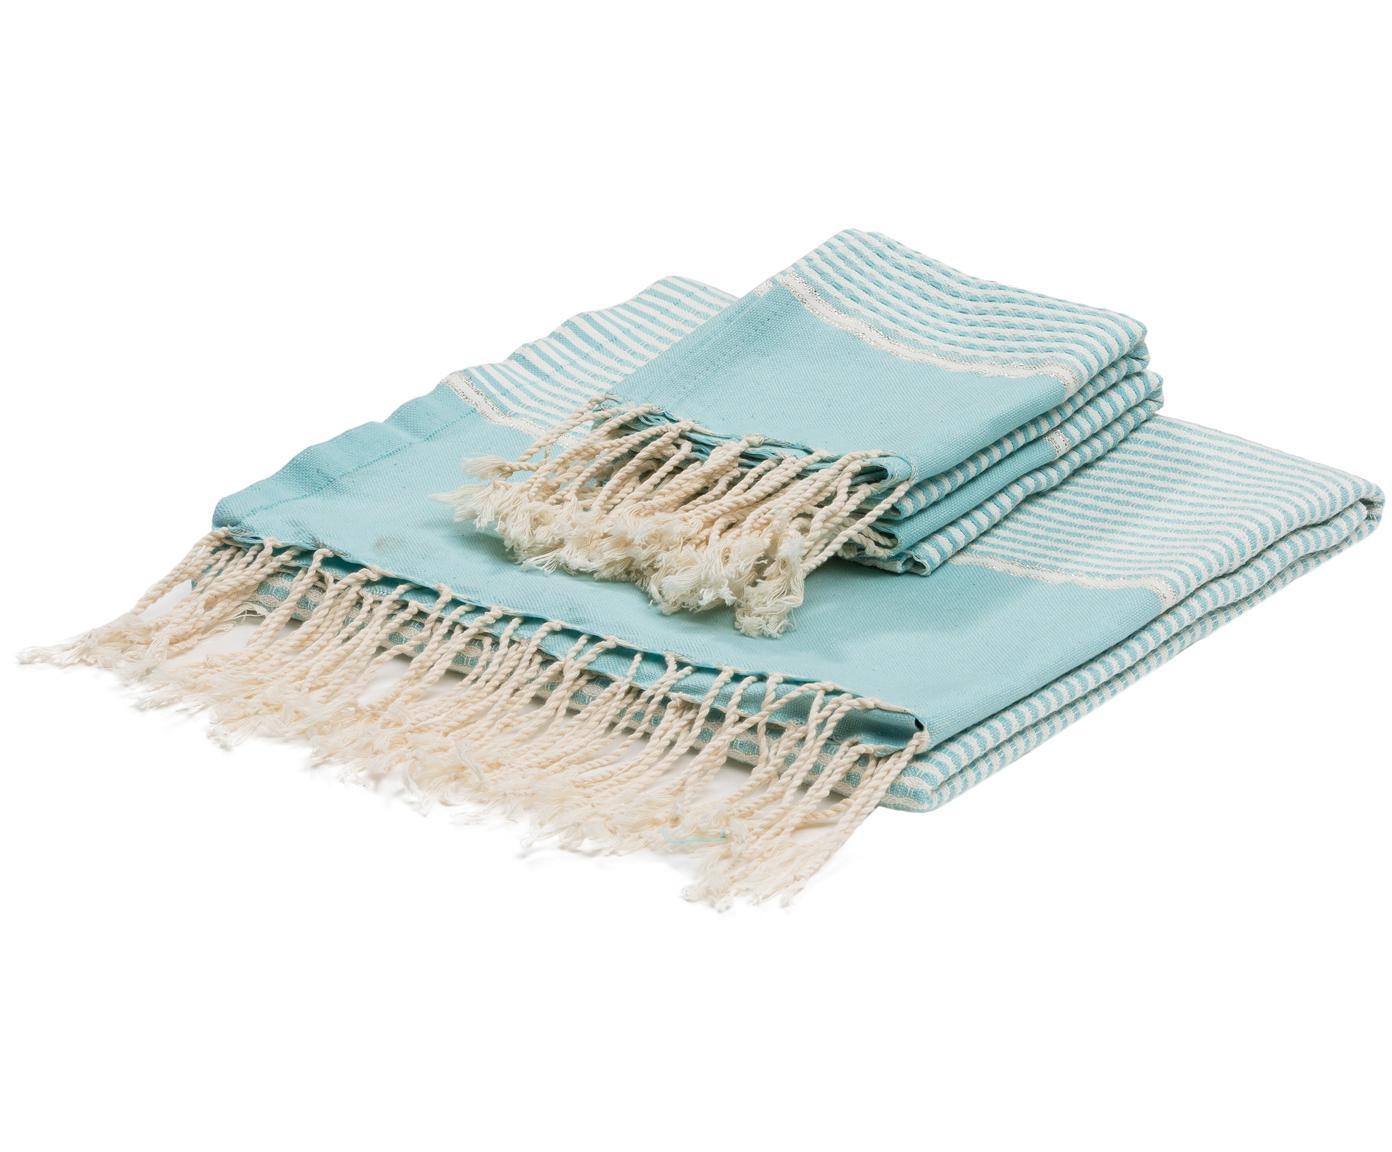 Set di 3 asciugamani con bordo in lurex Copenhague, 100% cotone con fili di lurex Qualità molto leggera, 200 g/m², Azzurro, argento, bianco, Diverse dimensioni